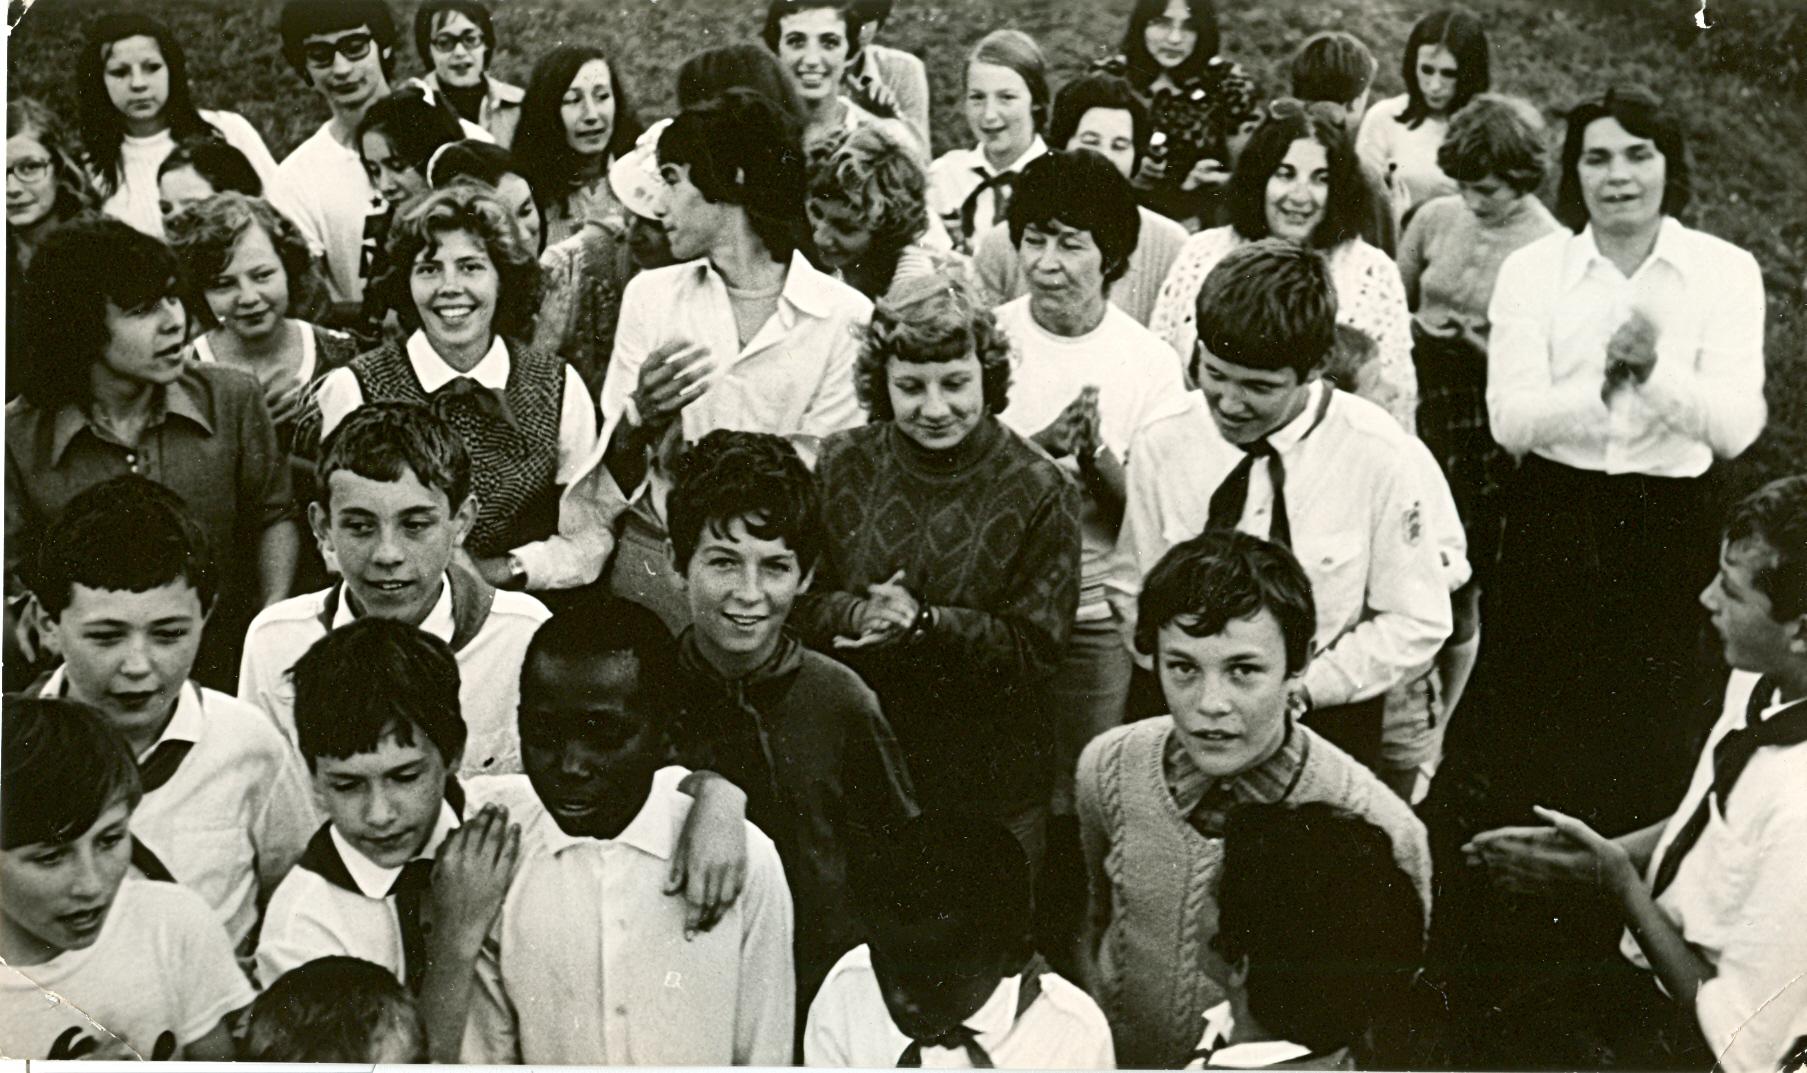 пионеры лагеря и их французские сверстники, отдыхавшие в Орленке по обмену.